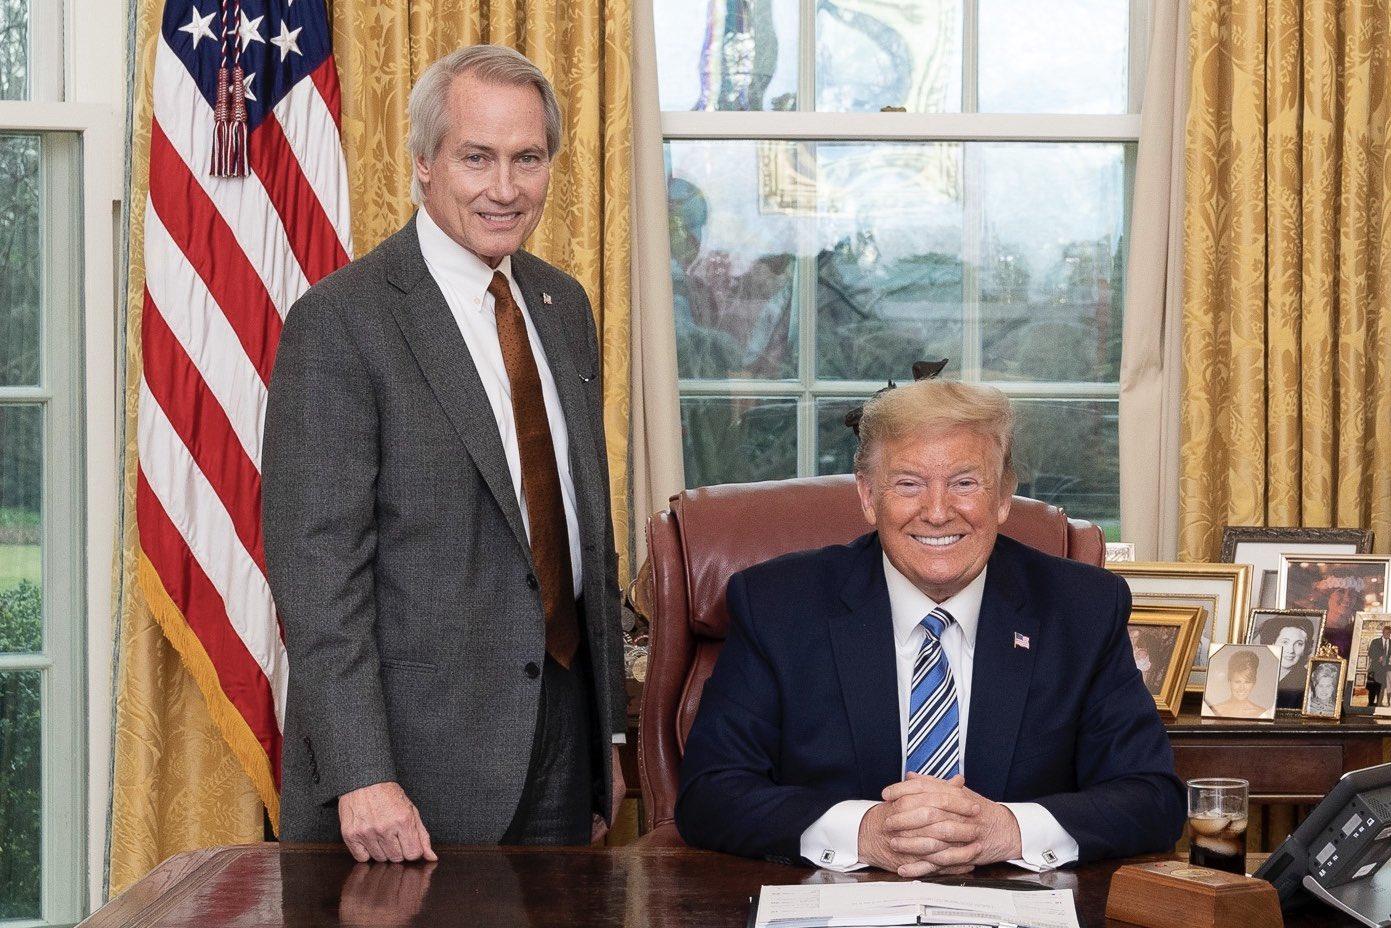 美國著名維權大律師林肯‧伍德(Lucian Lincoln Wood)日前宣佈加入特朗普陣營,並指特朗普是為了人民而參選總統,此刻已到了「我們為總統而戰的時候了」。圖為2020年3月11日,特朗普總統(右)與林肯‧伍德(左)。(公有領域)